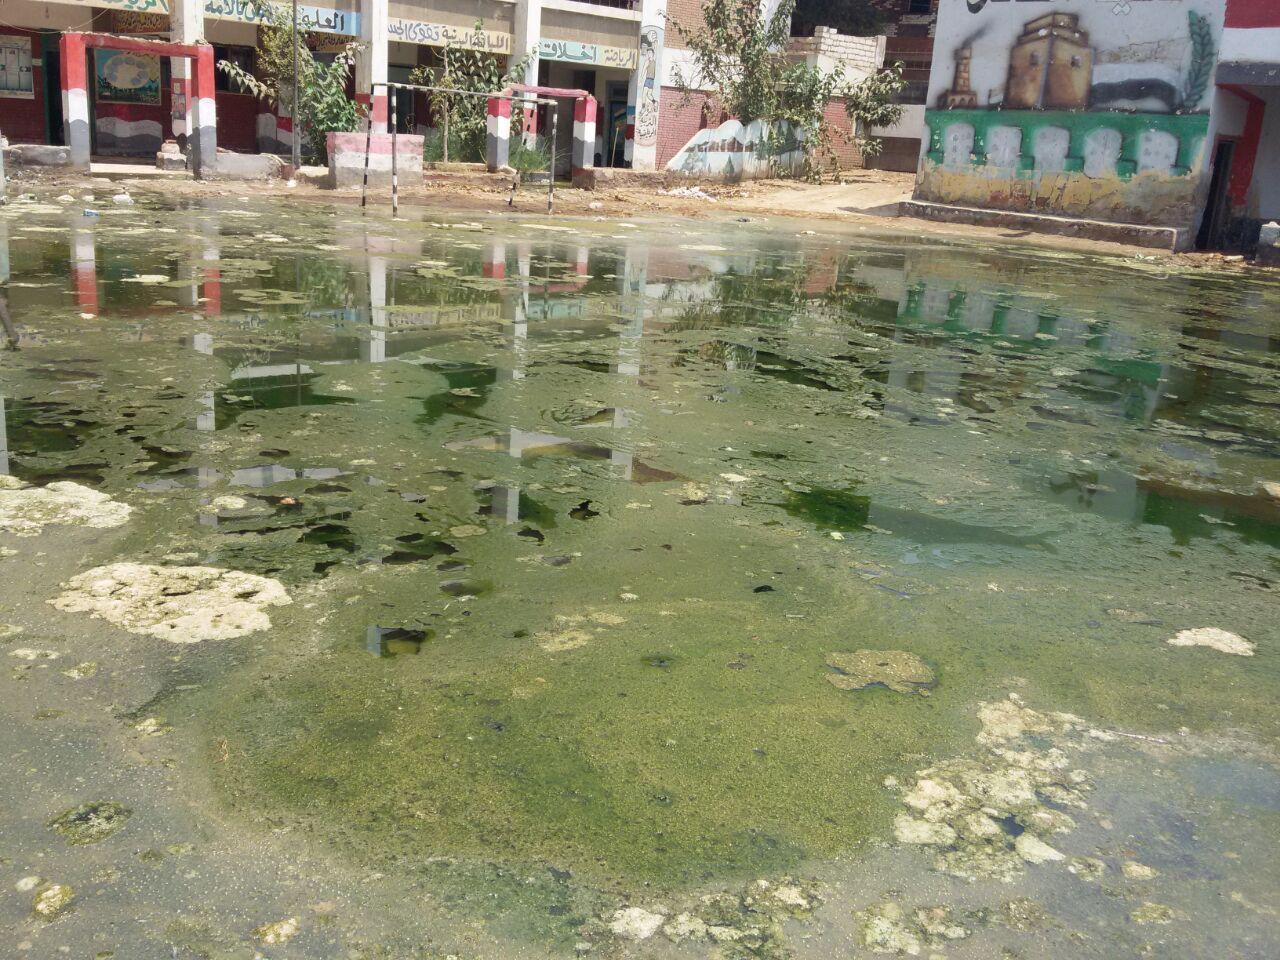 غرق قريتين في بني سويف في مياه الصرف الصحي (صور)